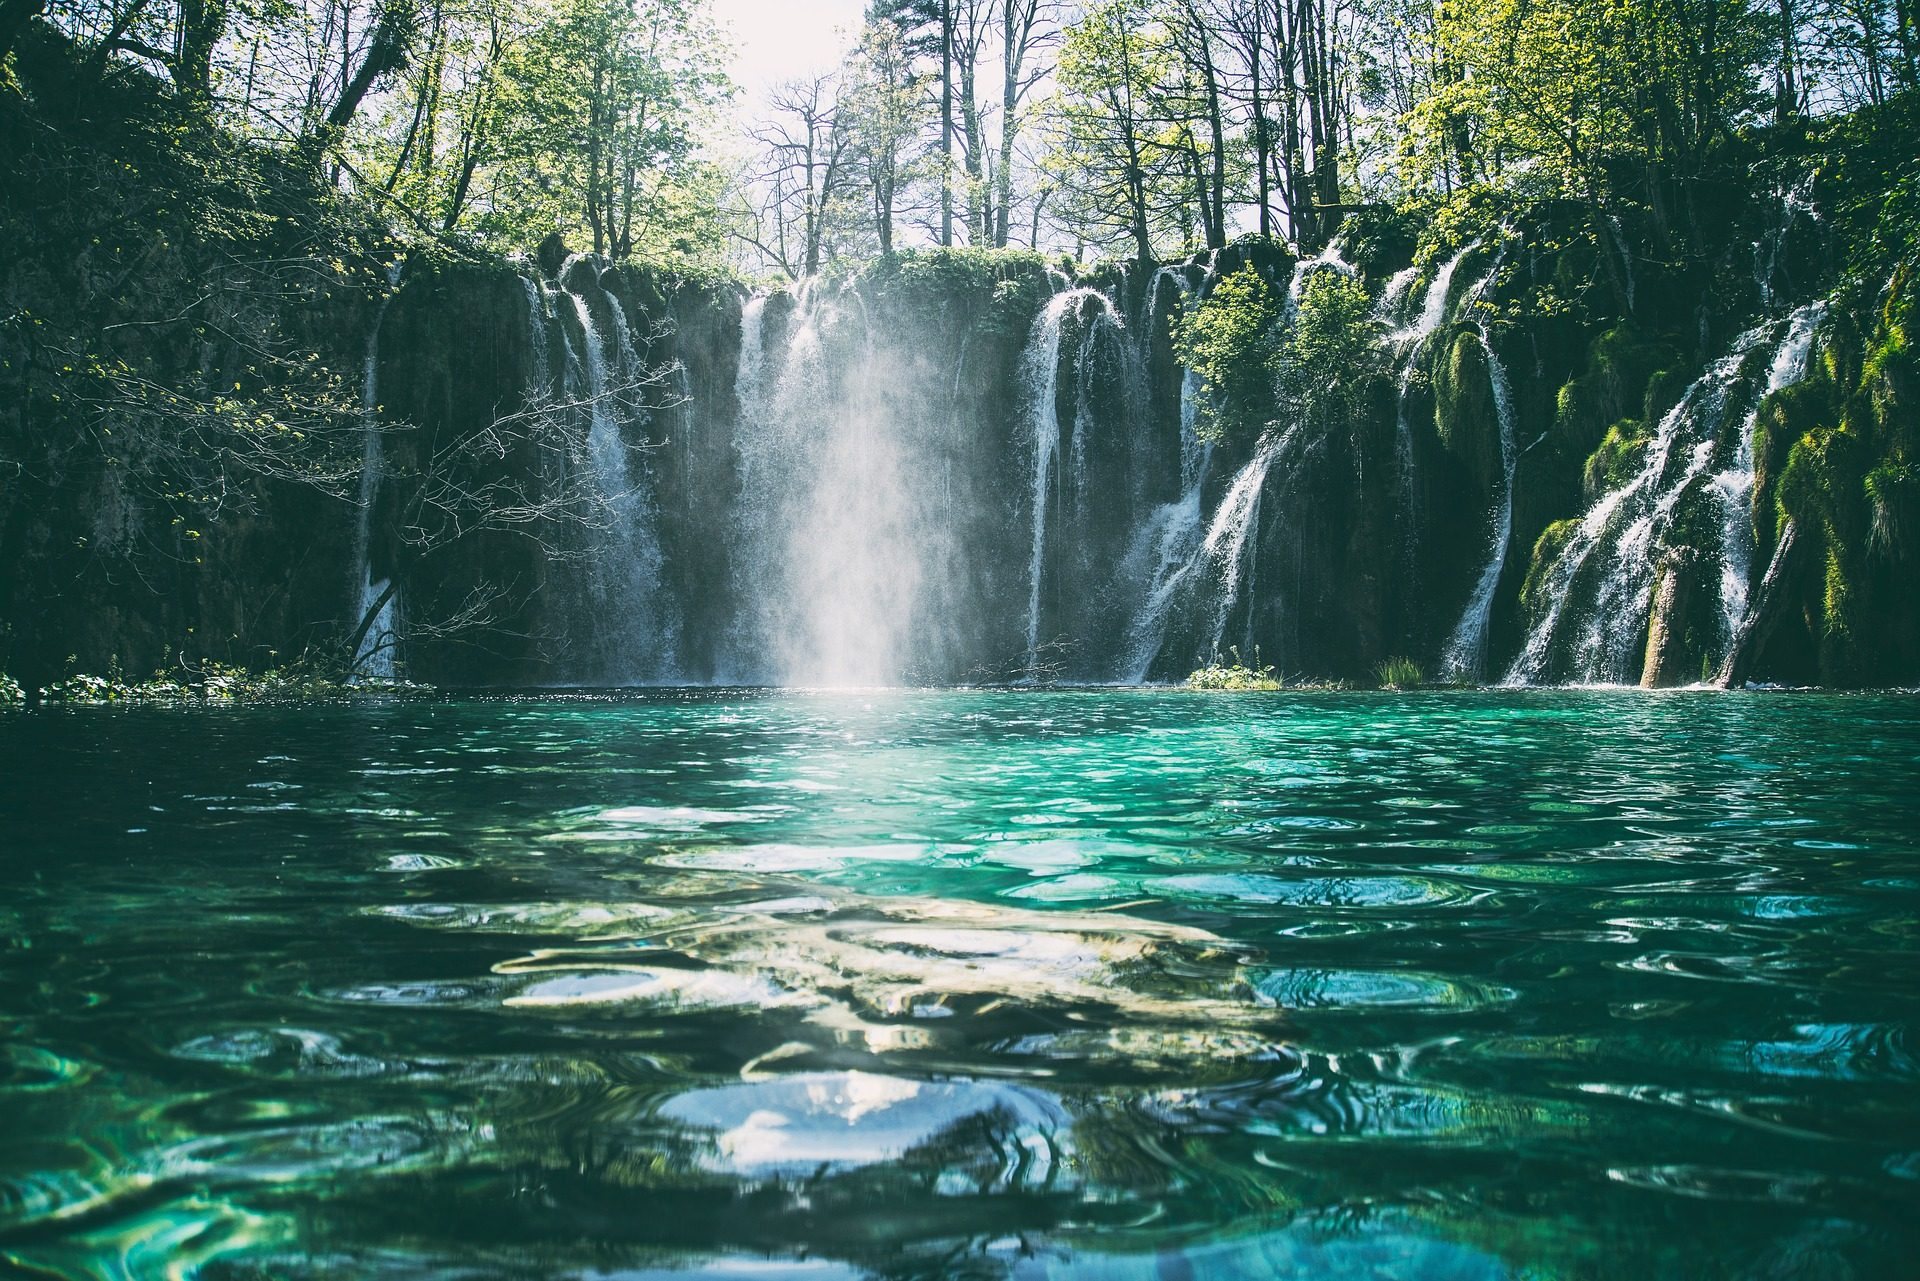 Рио, Водопад, Водопады, лес, водохранилище, Плот, воды - Обои HD - Профессор falken.com